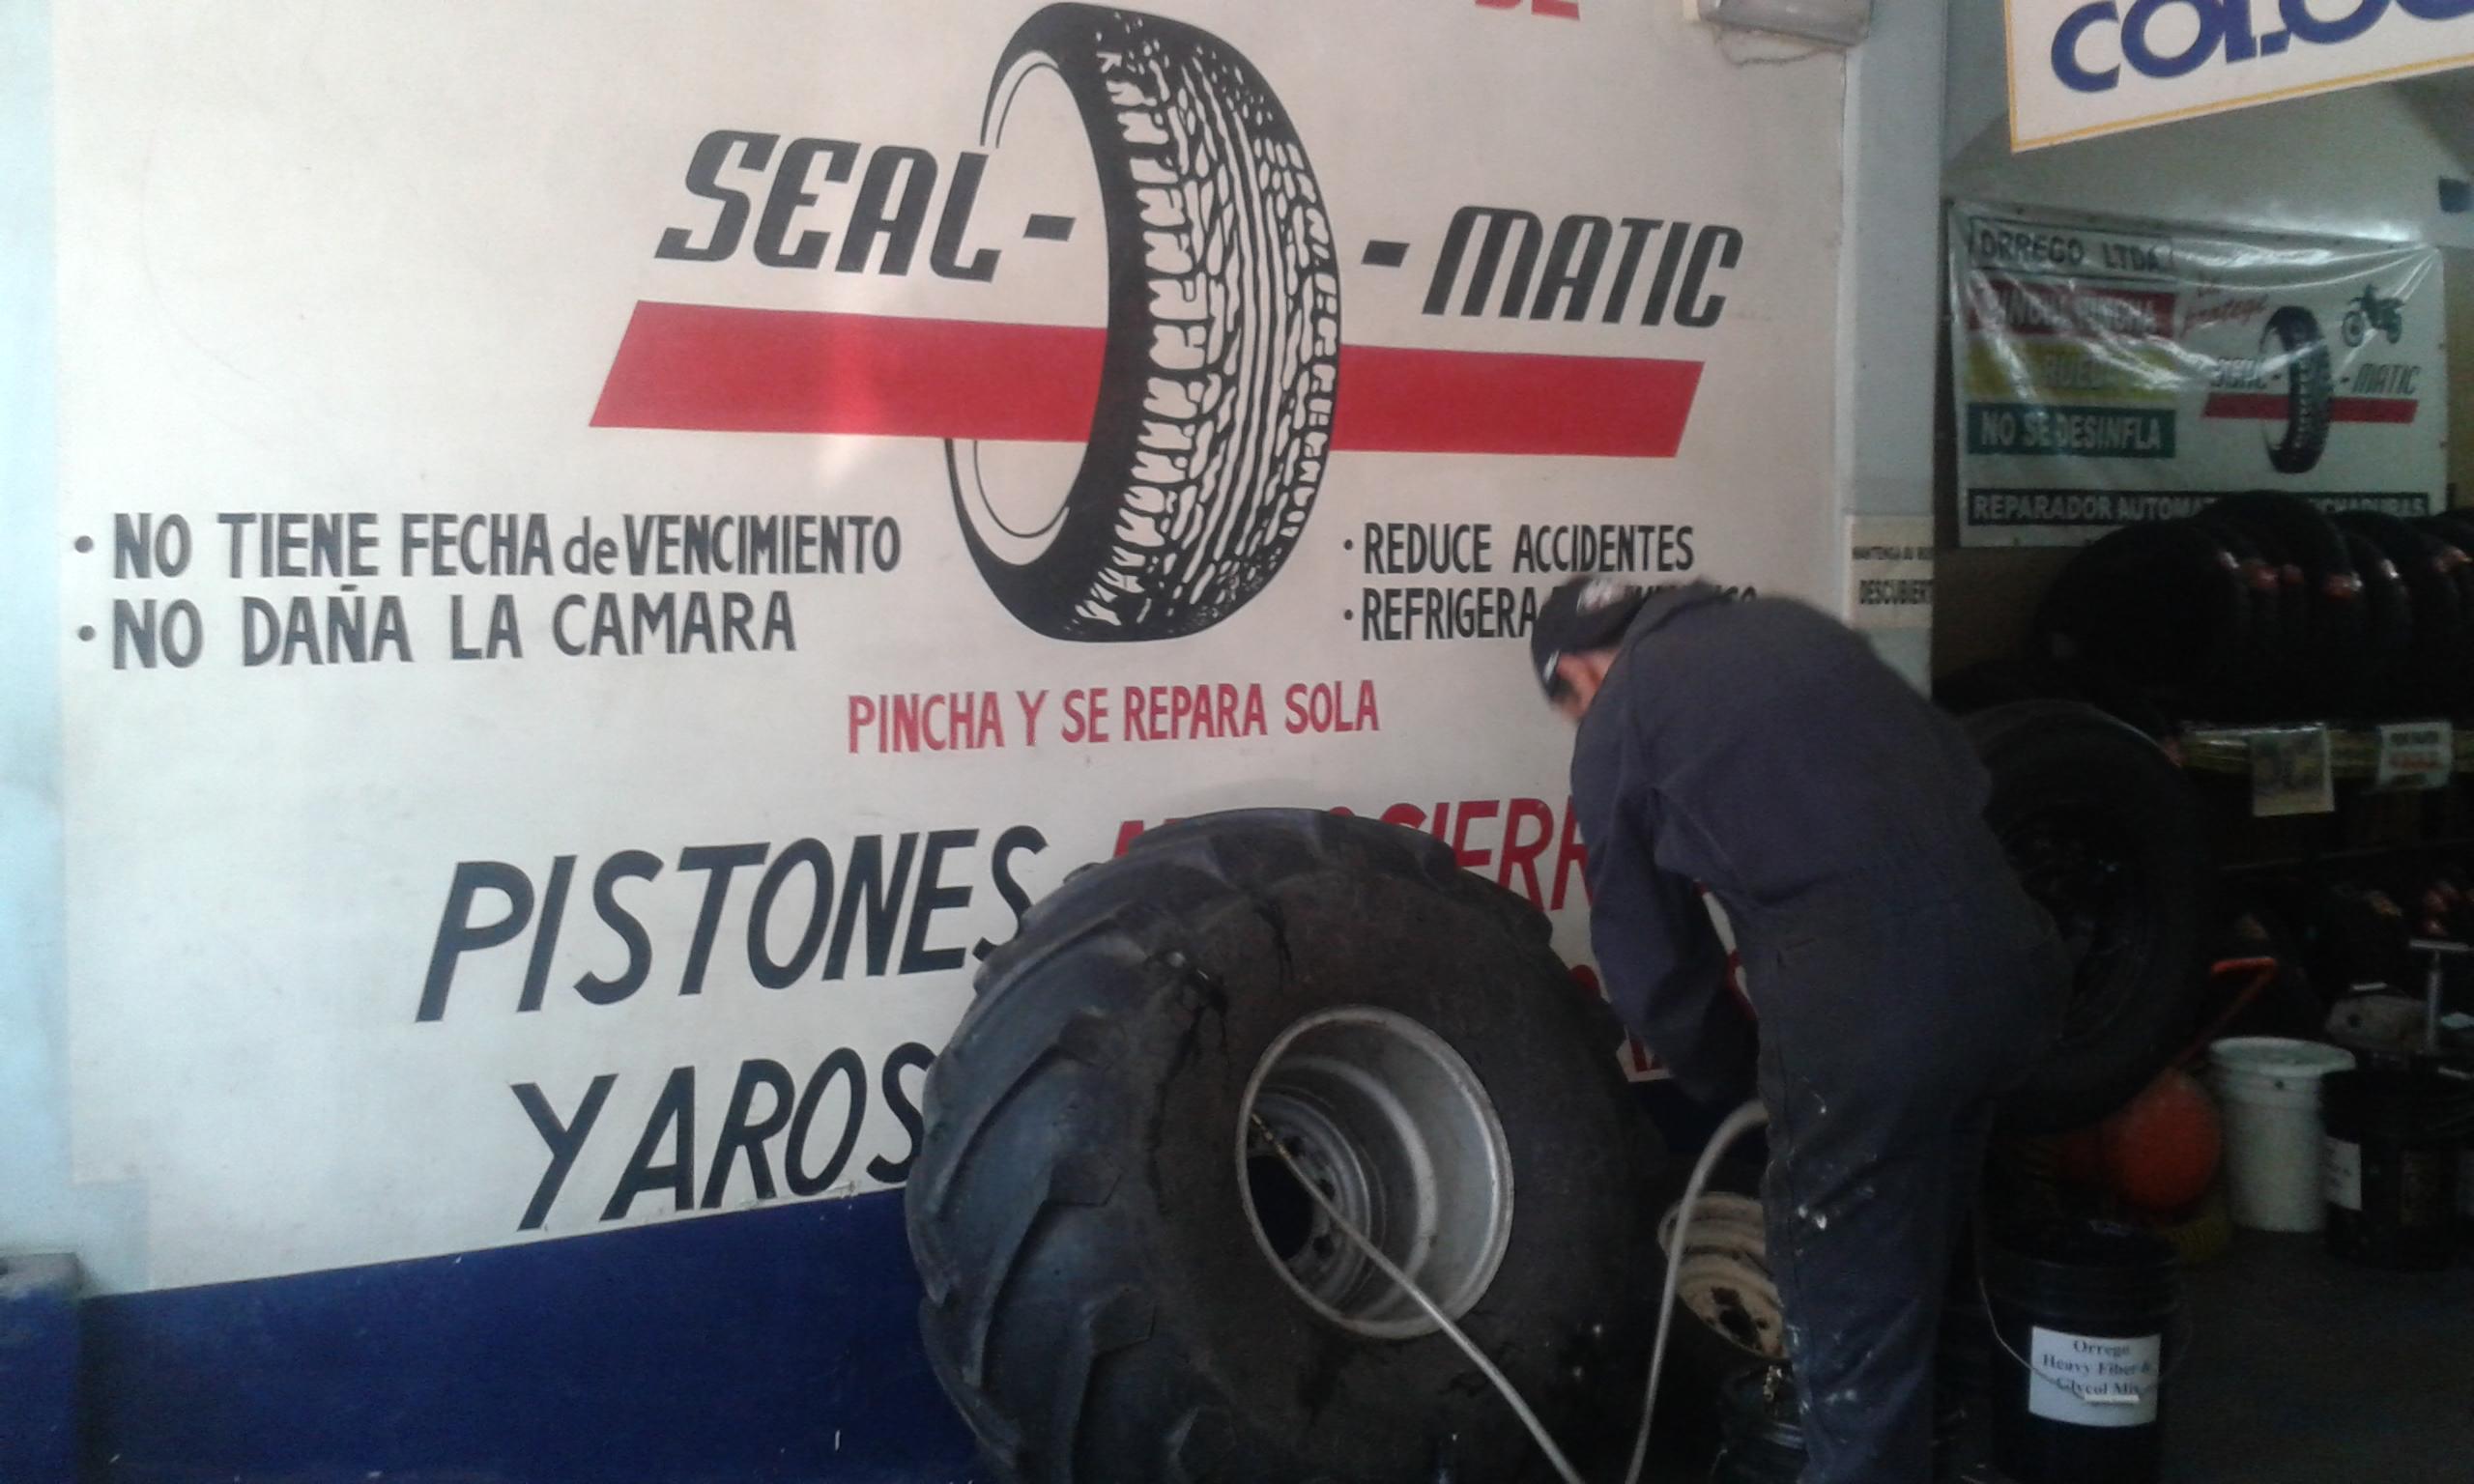 Rueda de tractor (con agua) que vino pinchada Diciembre 2014